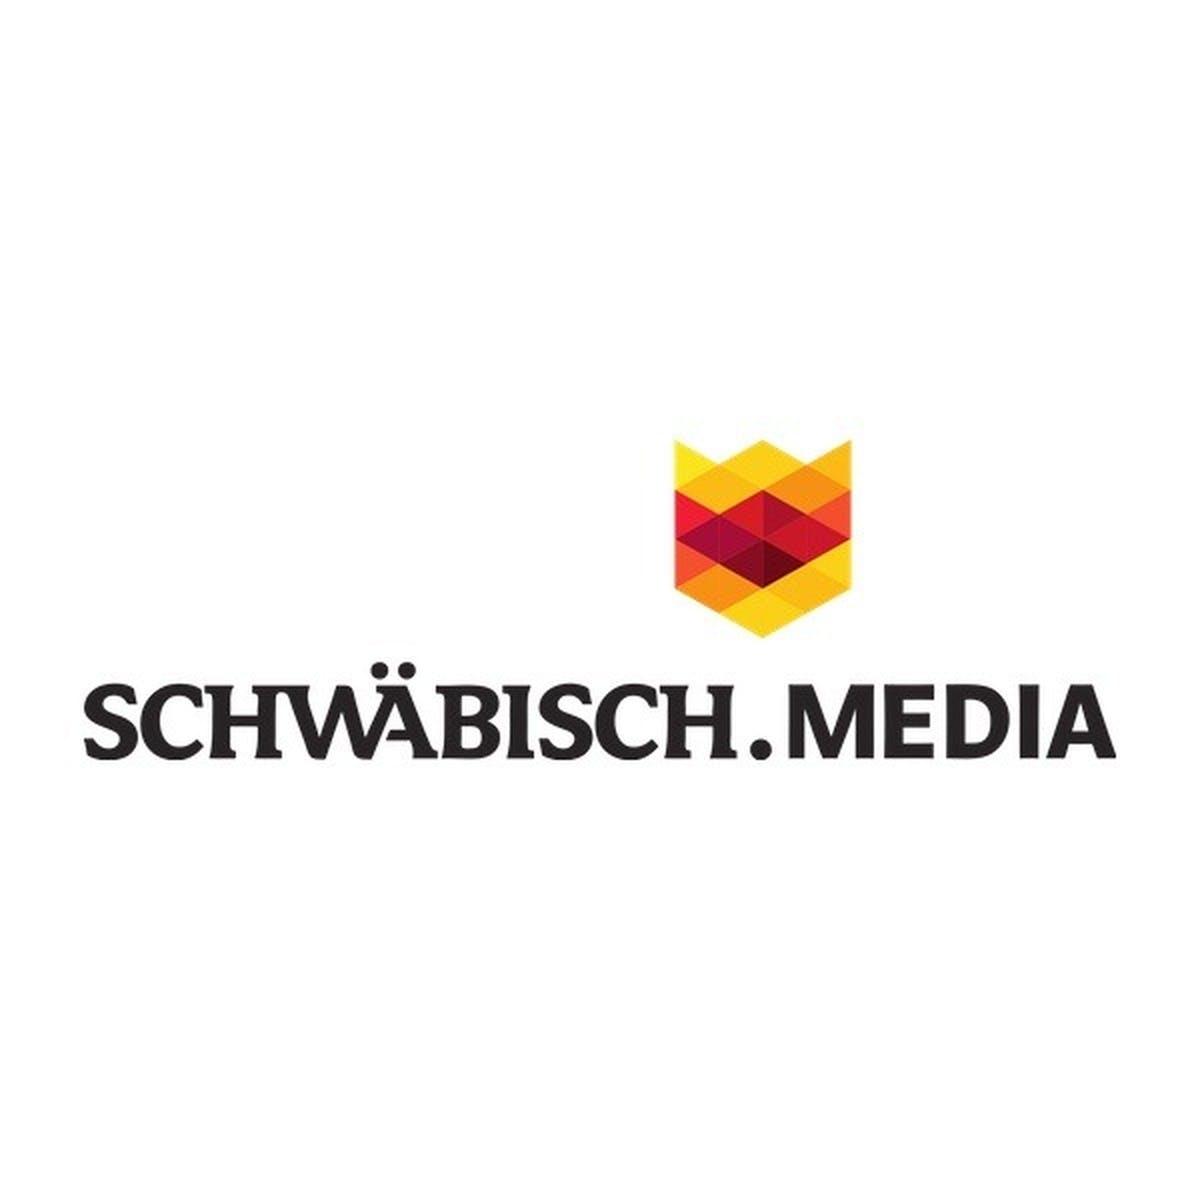 Produkt- und Projektmanager Digital (m/w)